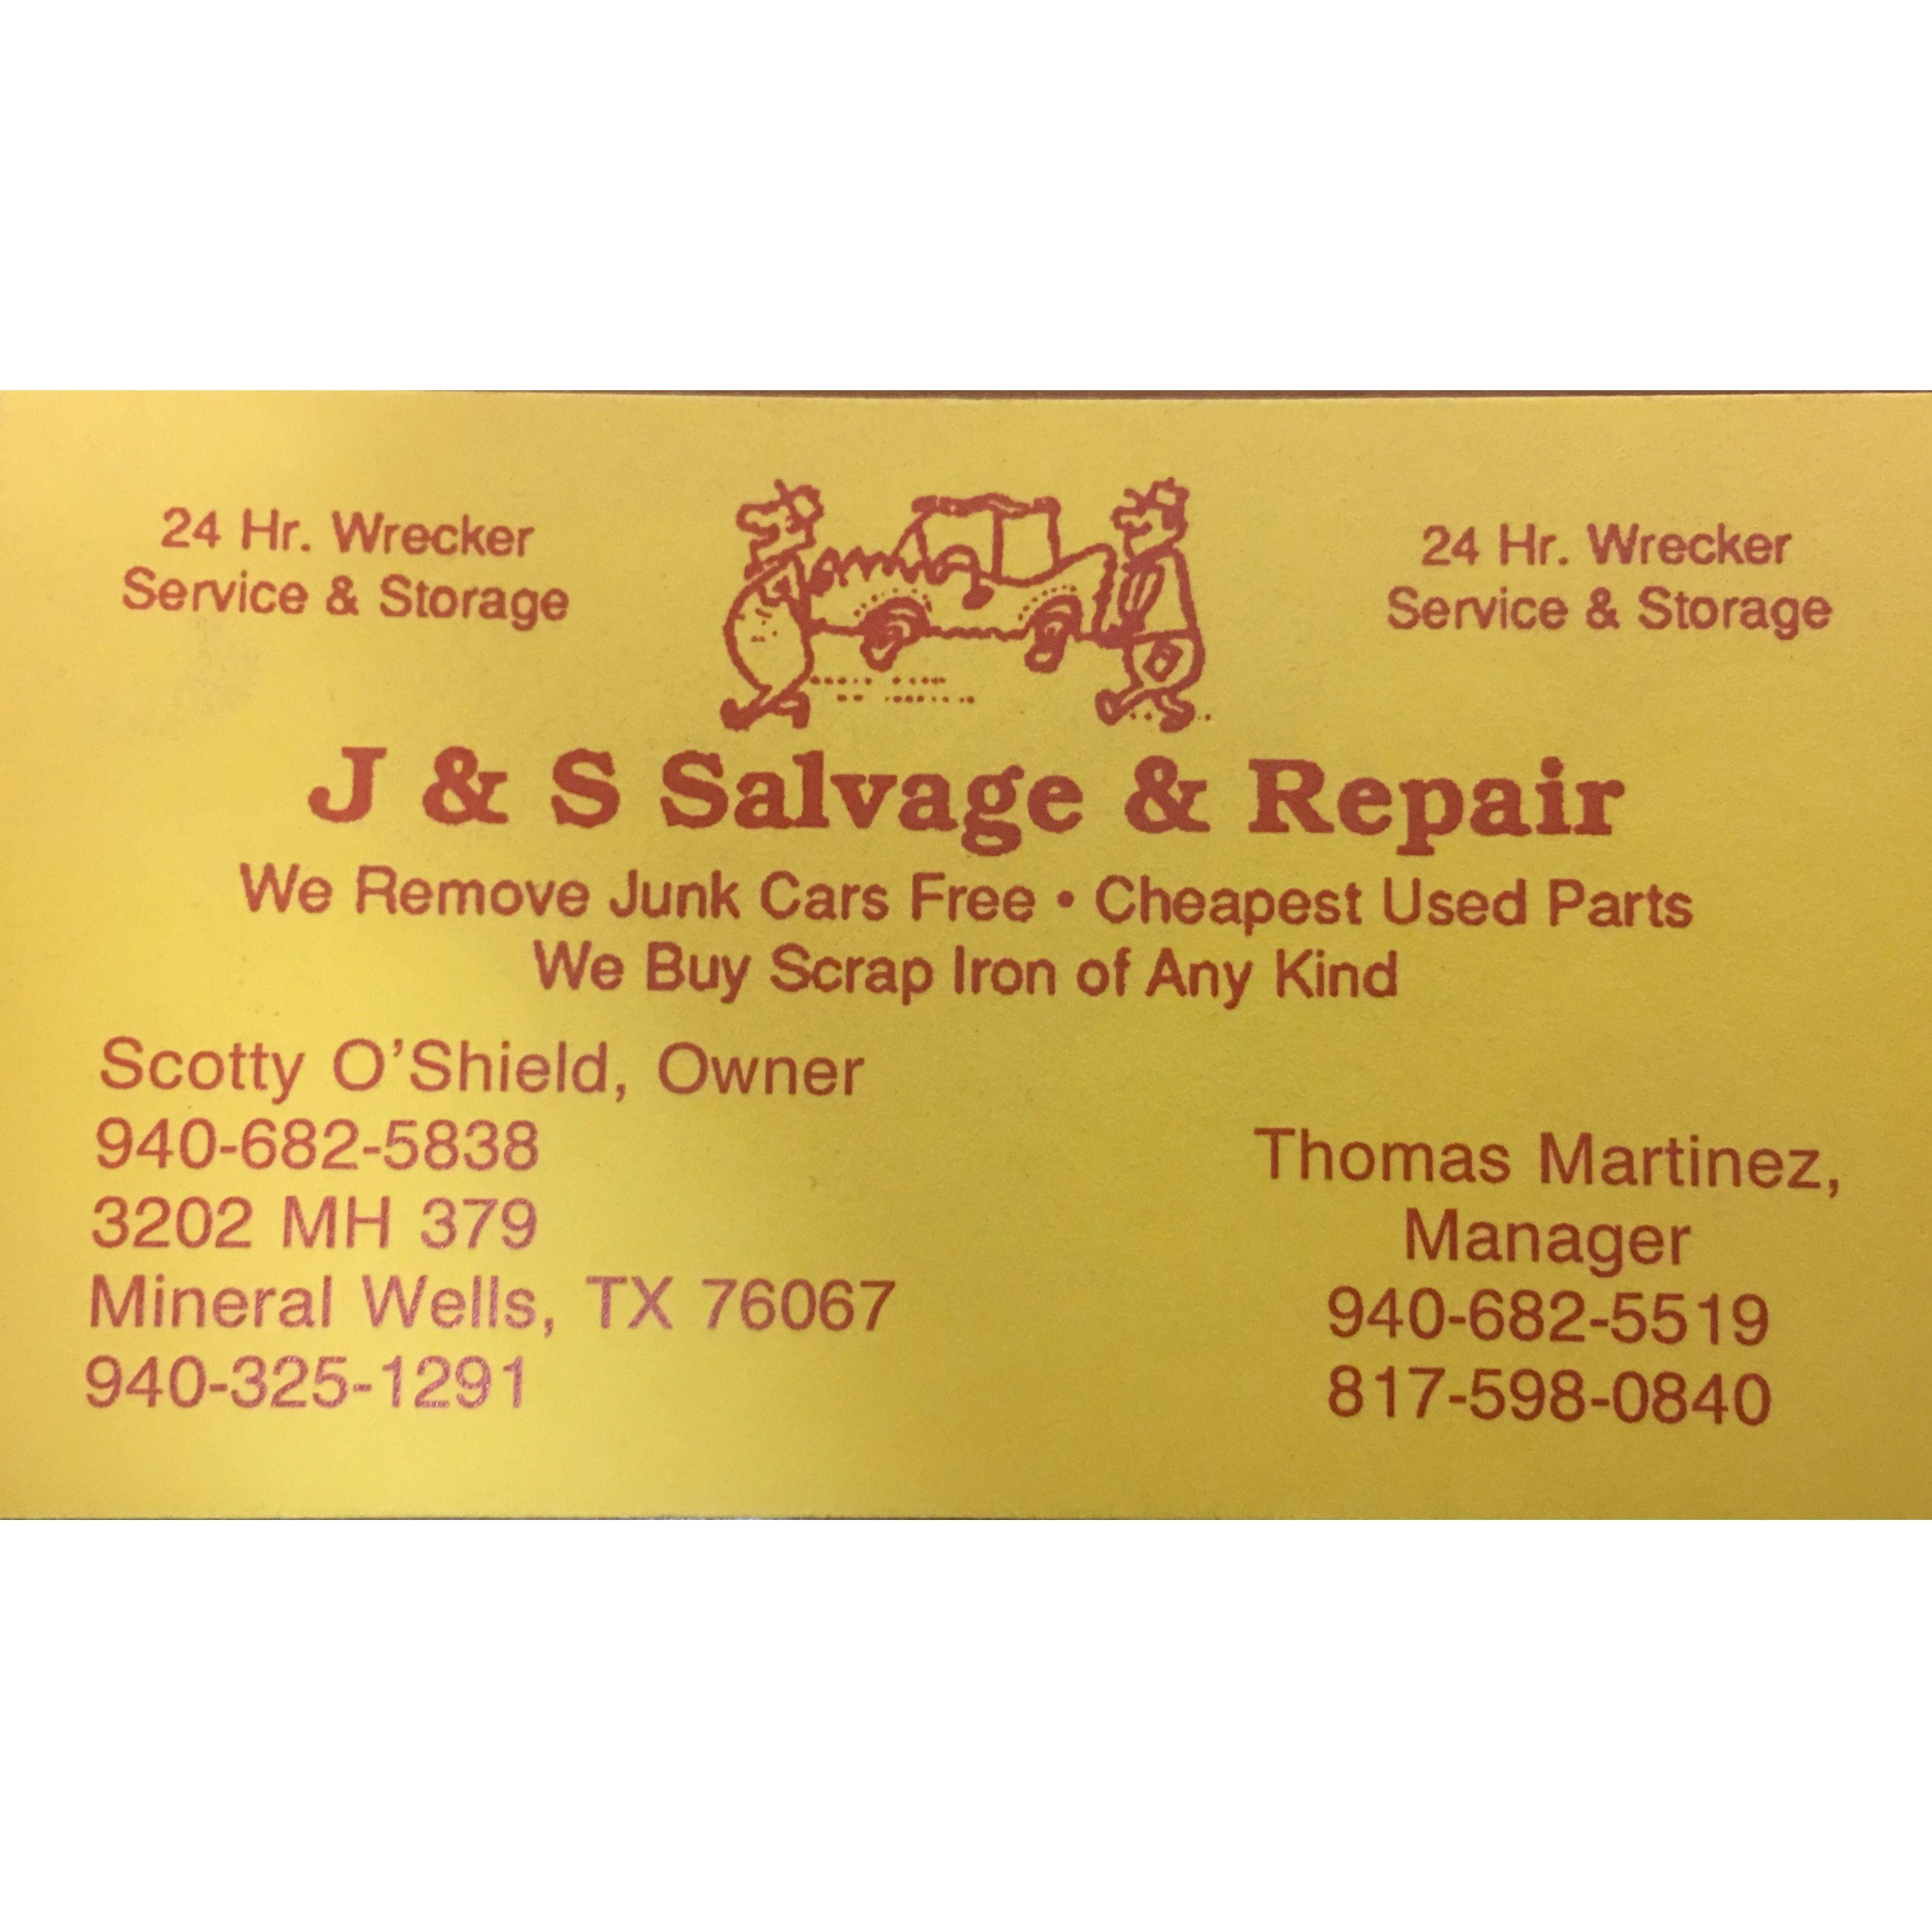 J&S SALVAGE AND REPAIR